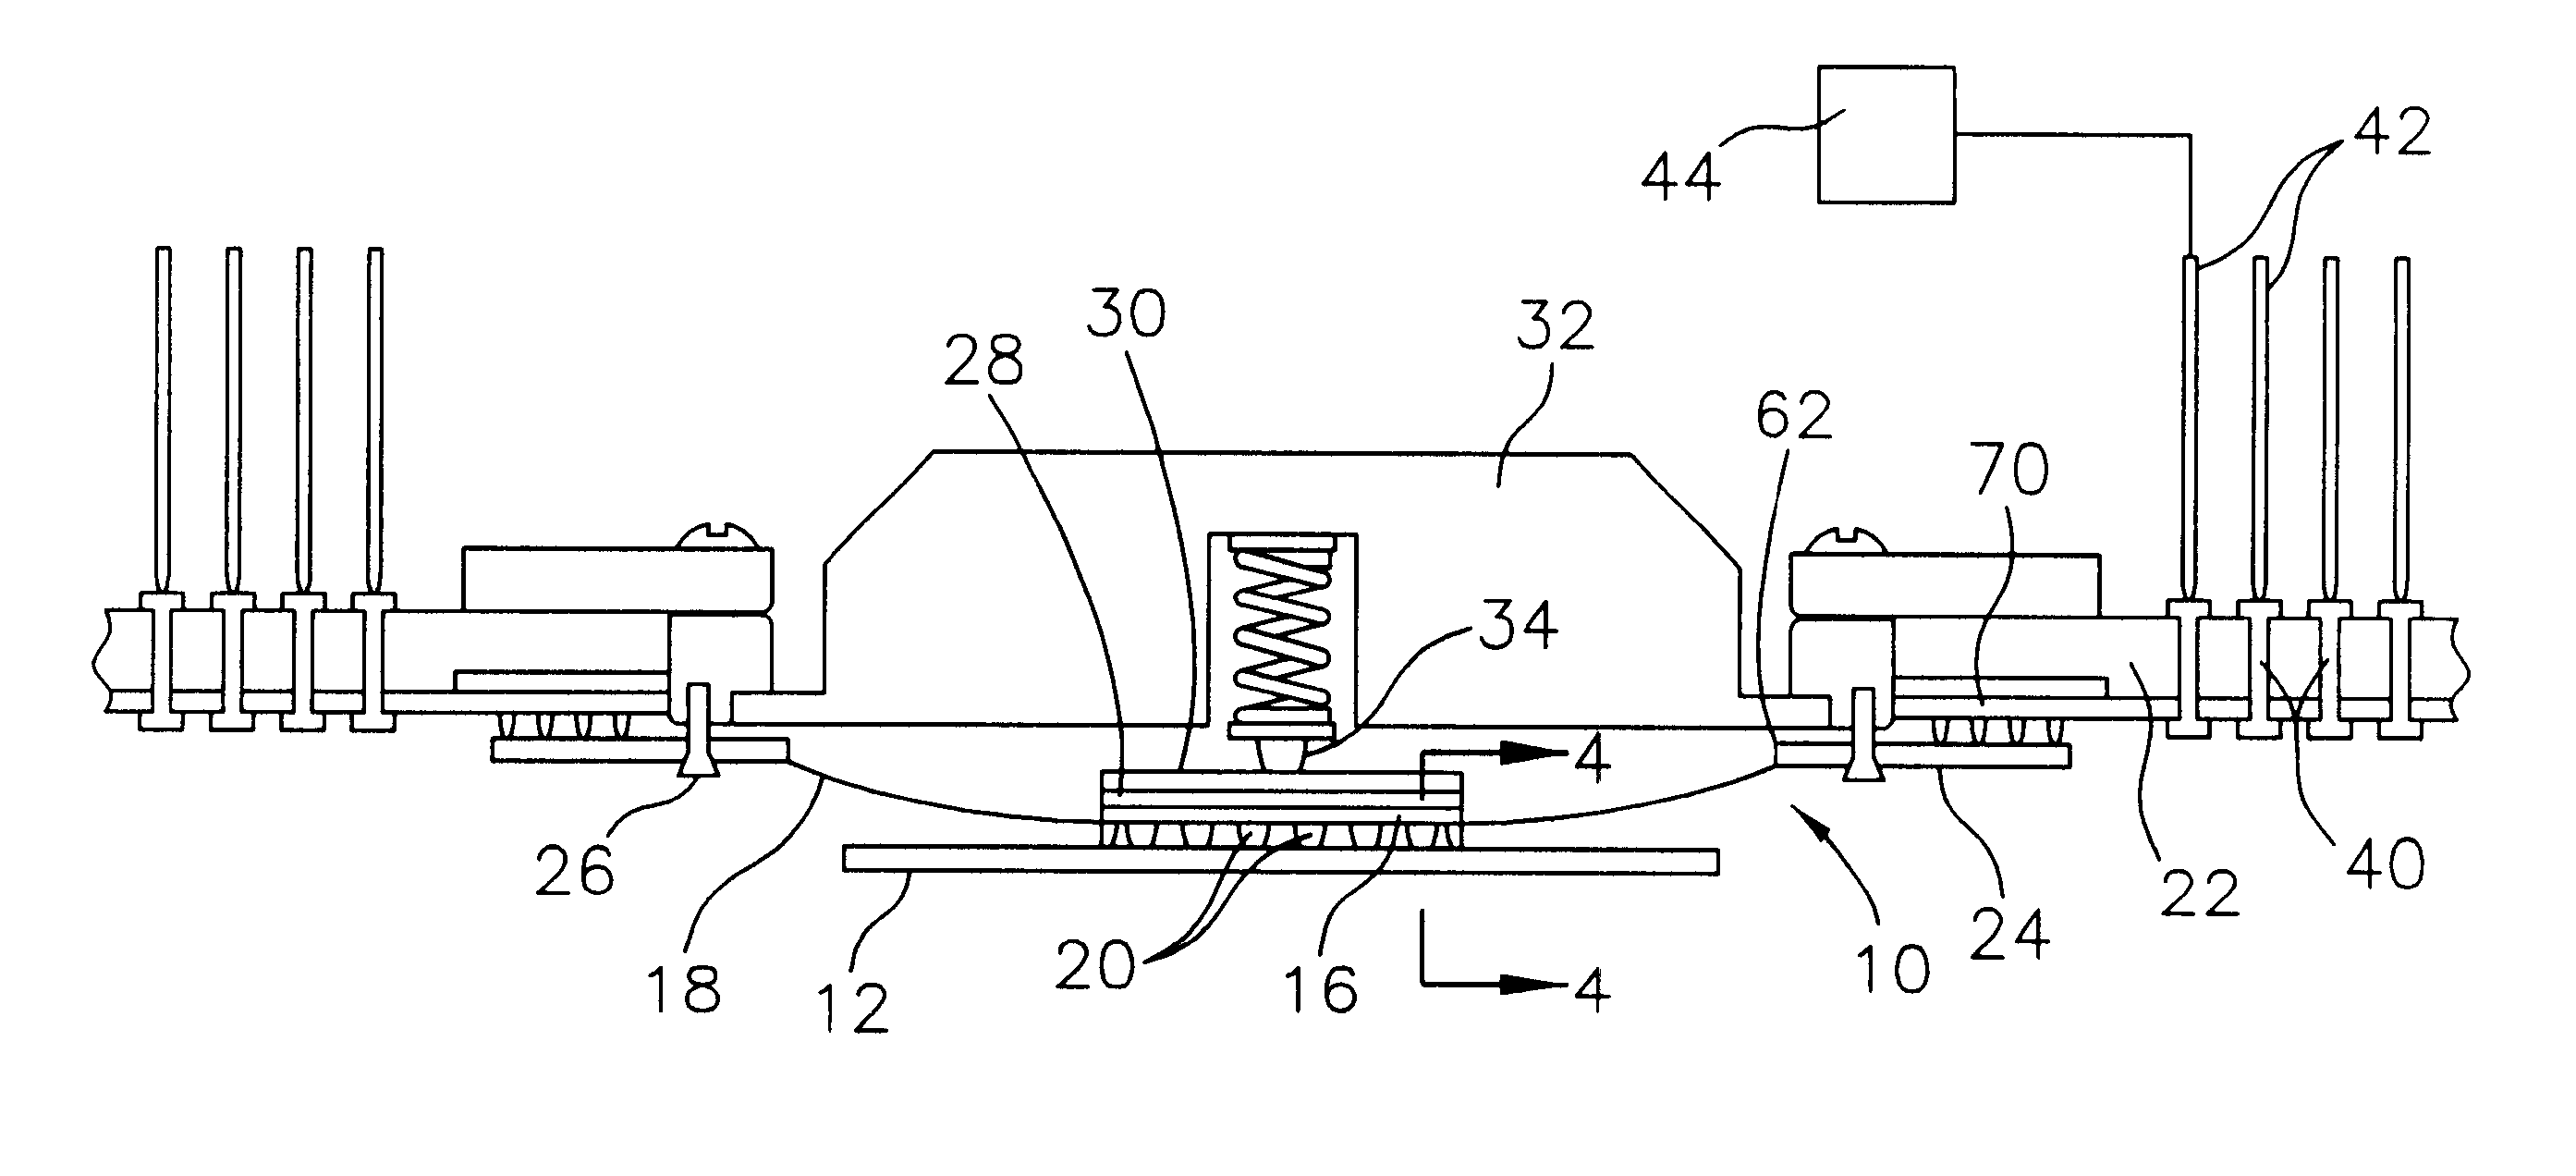 patent us6275052